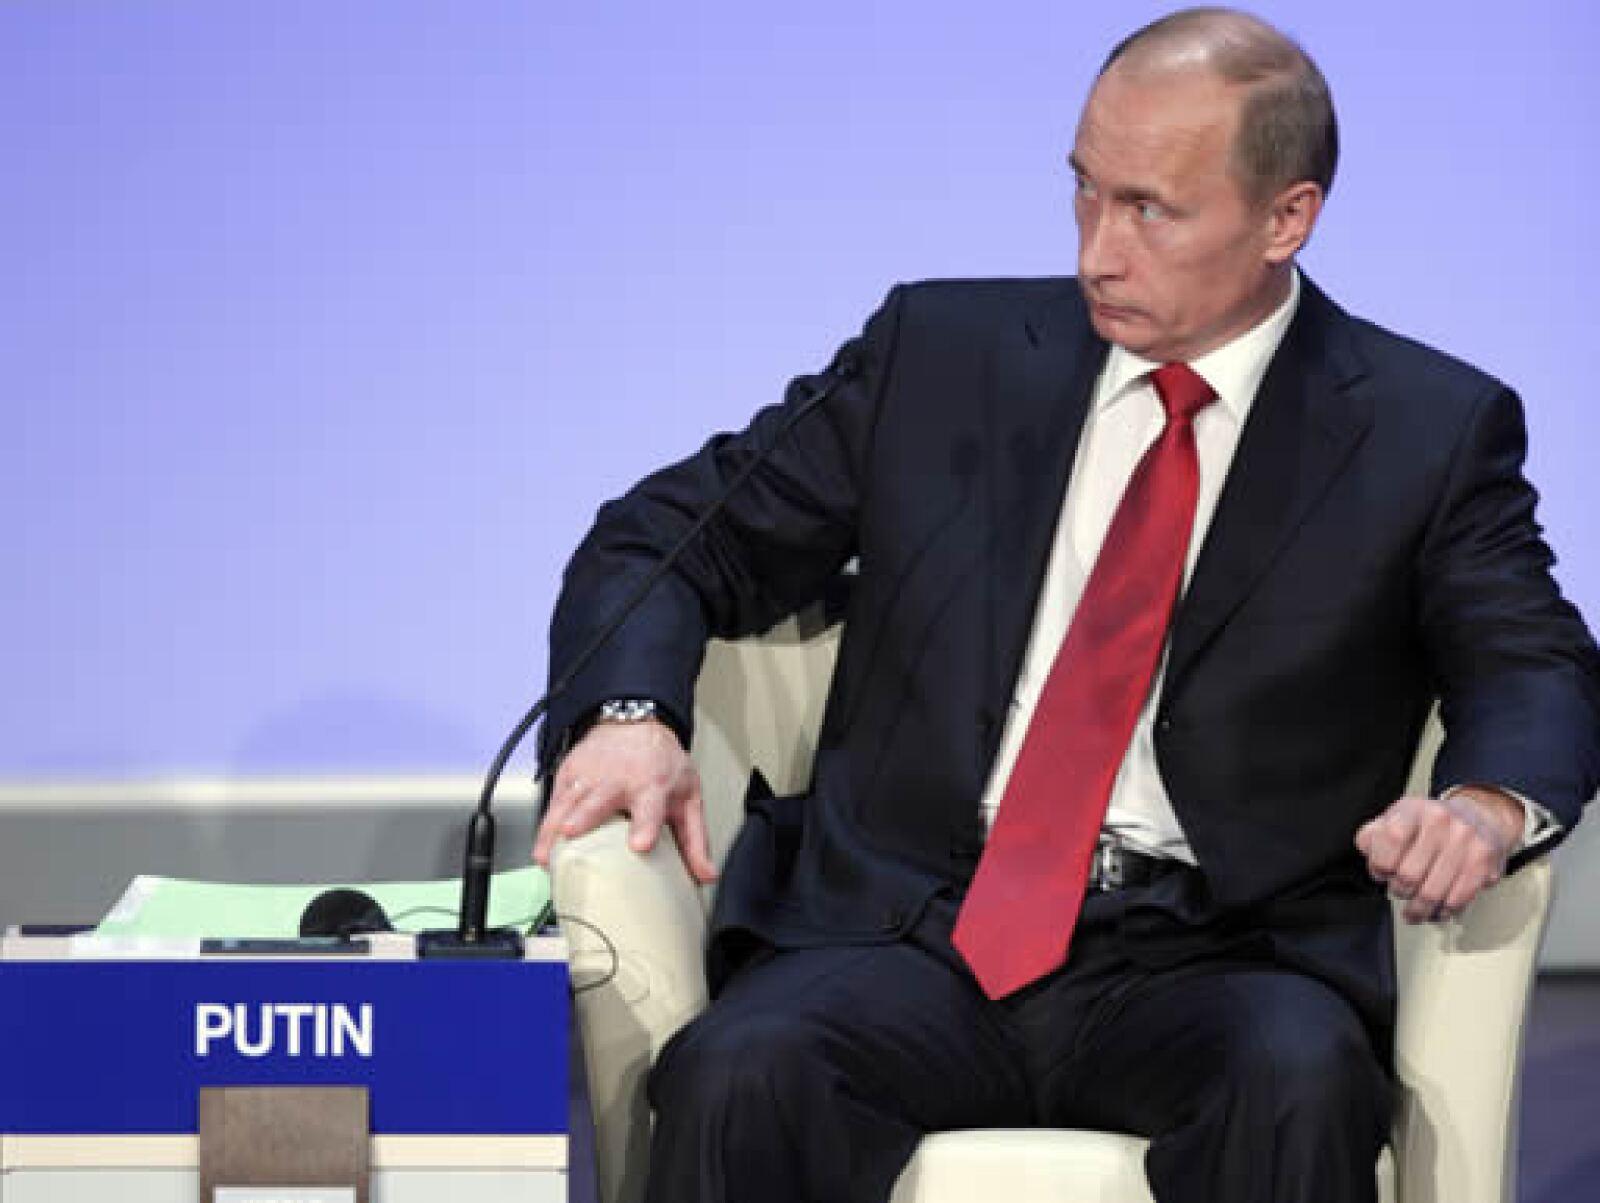 El primer ministro ruso, Vladimir Putin, comparó en su discurso a la crisis mundial con una tormenta perfecta, por la conjunción de elementos naturales y la multiplicación de su capacidad destructiva. (Foto: World Economic Forum)